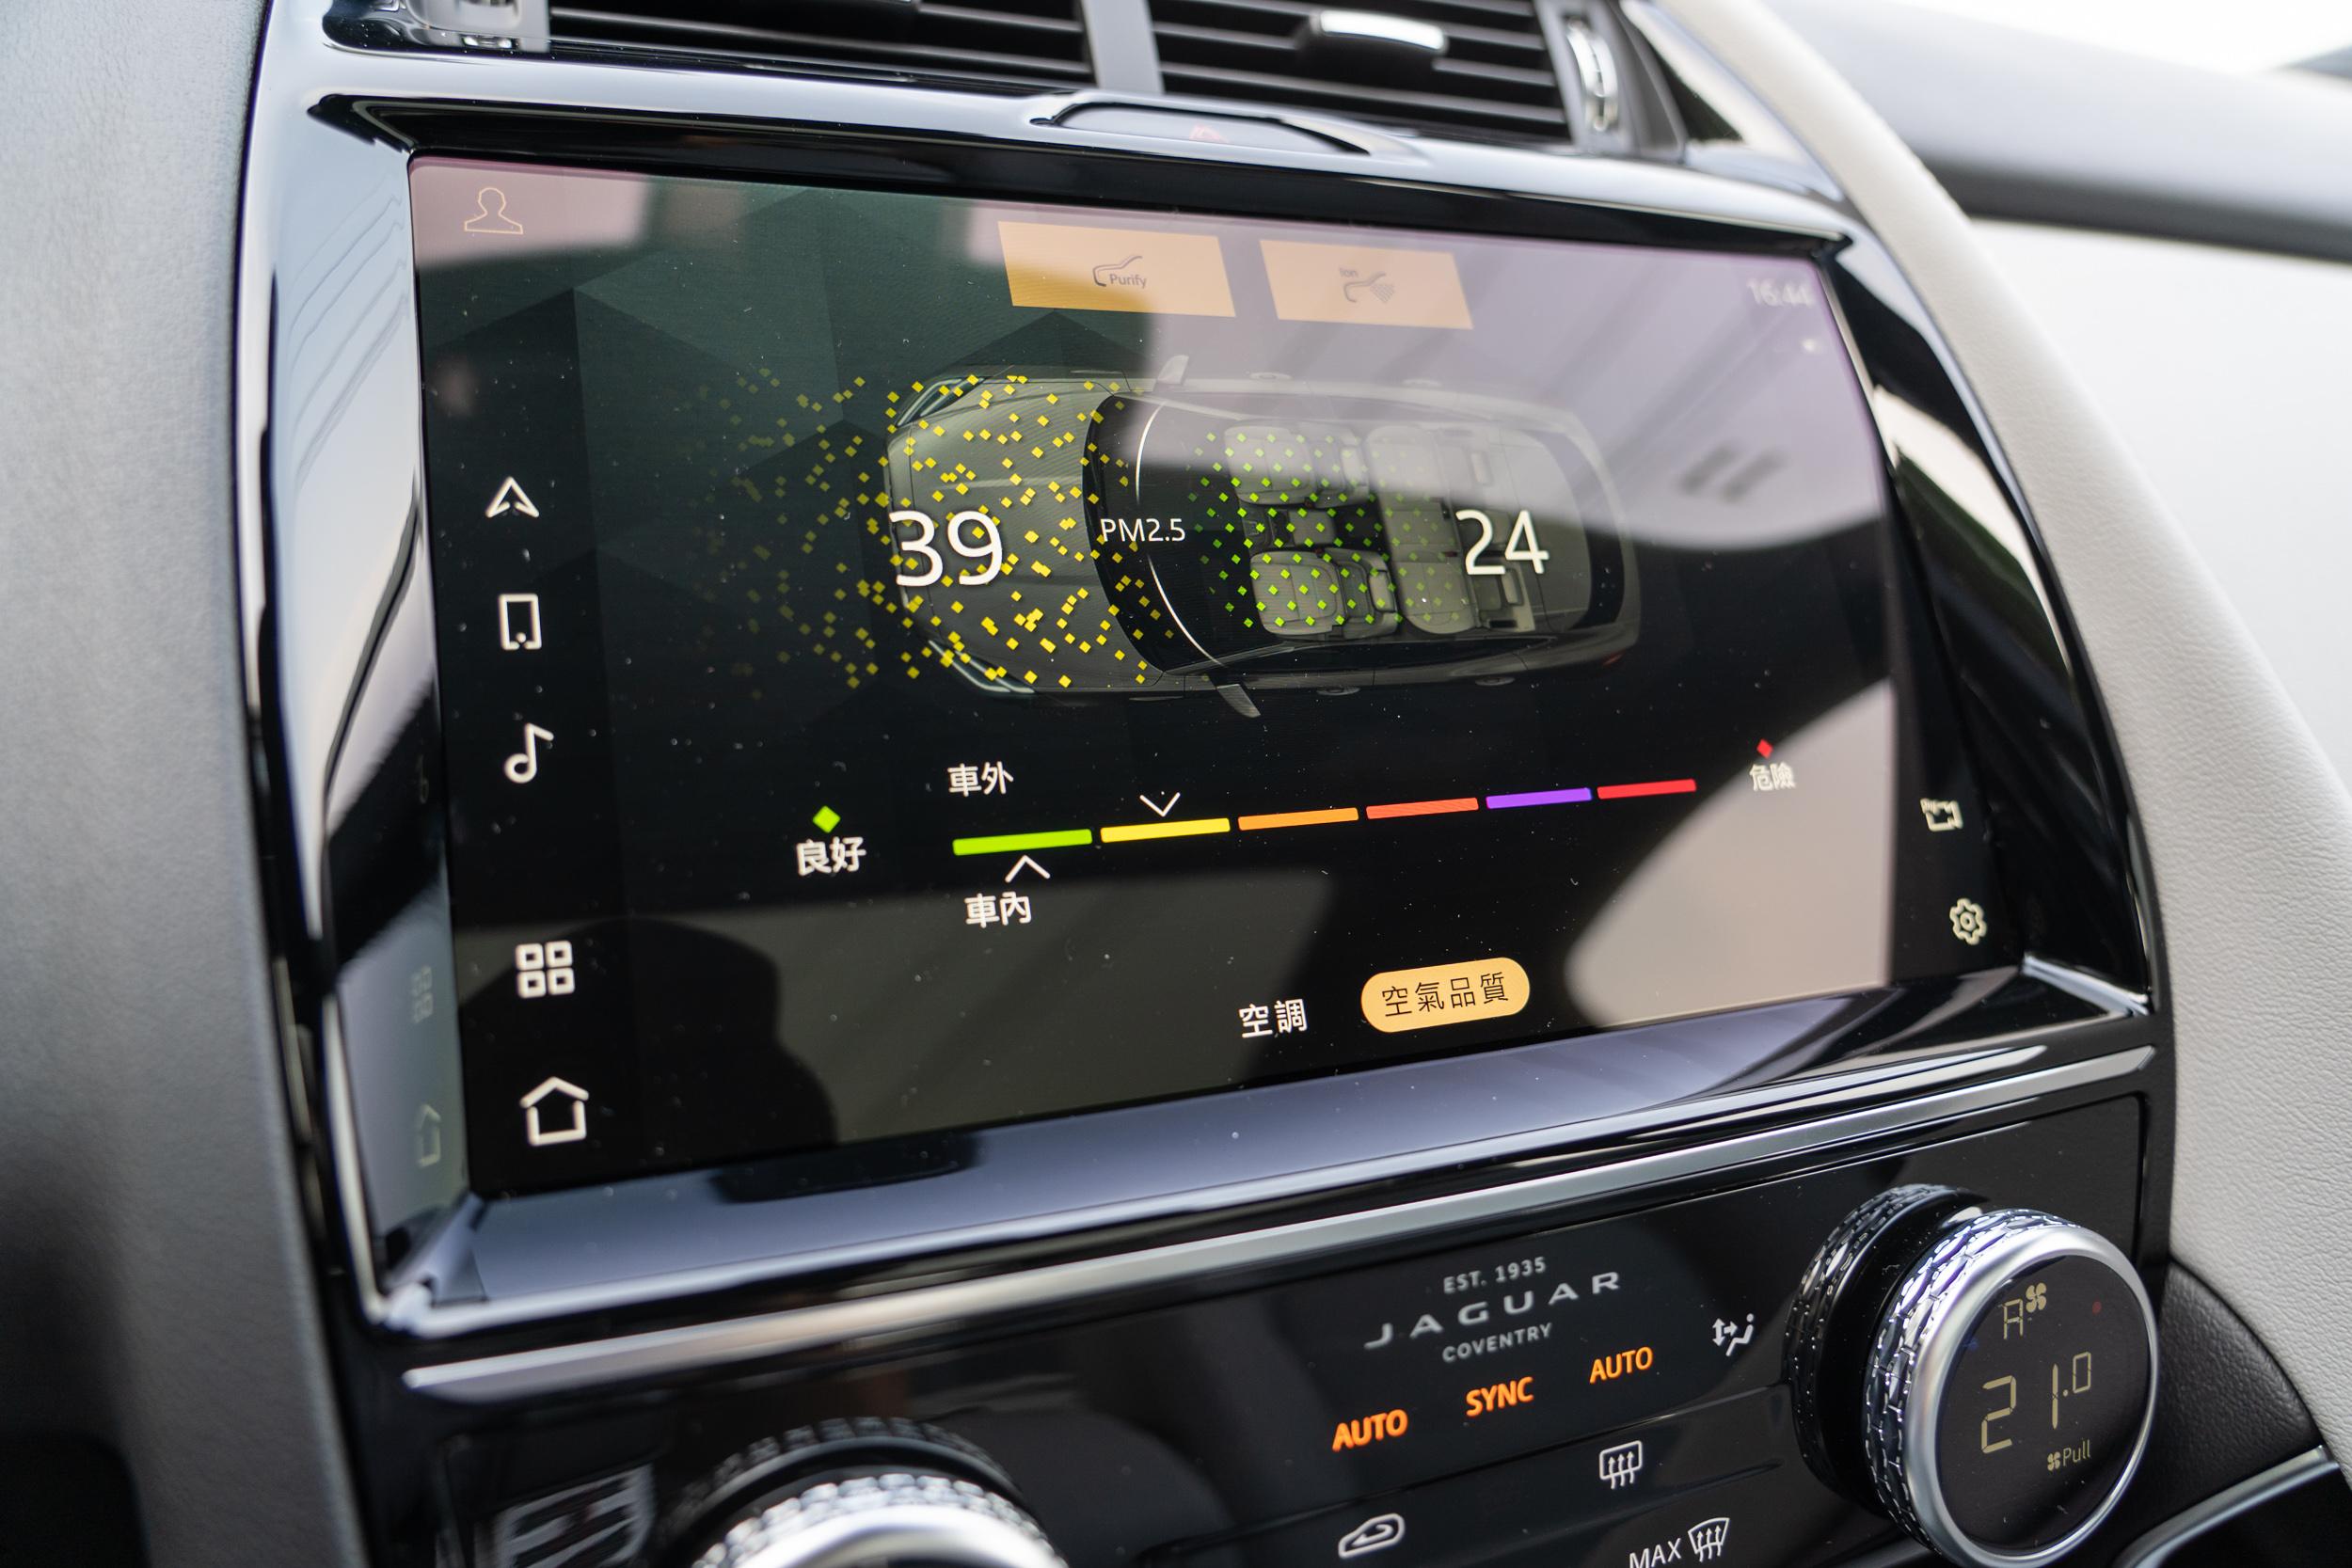 車室空氣濾清系統含 PM2.5 懸浮微粒過濾功能需要加價 16,300 元。